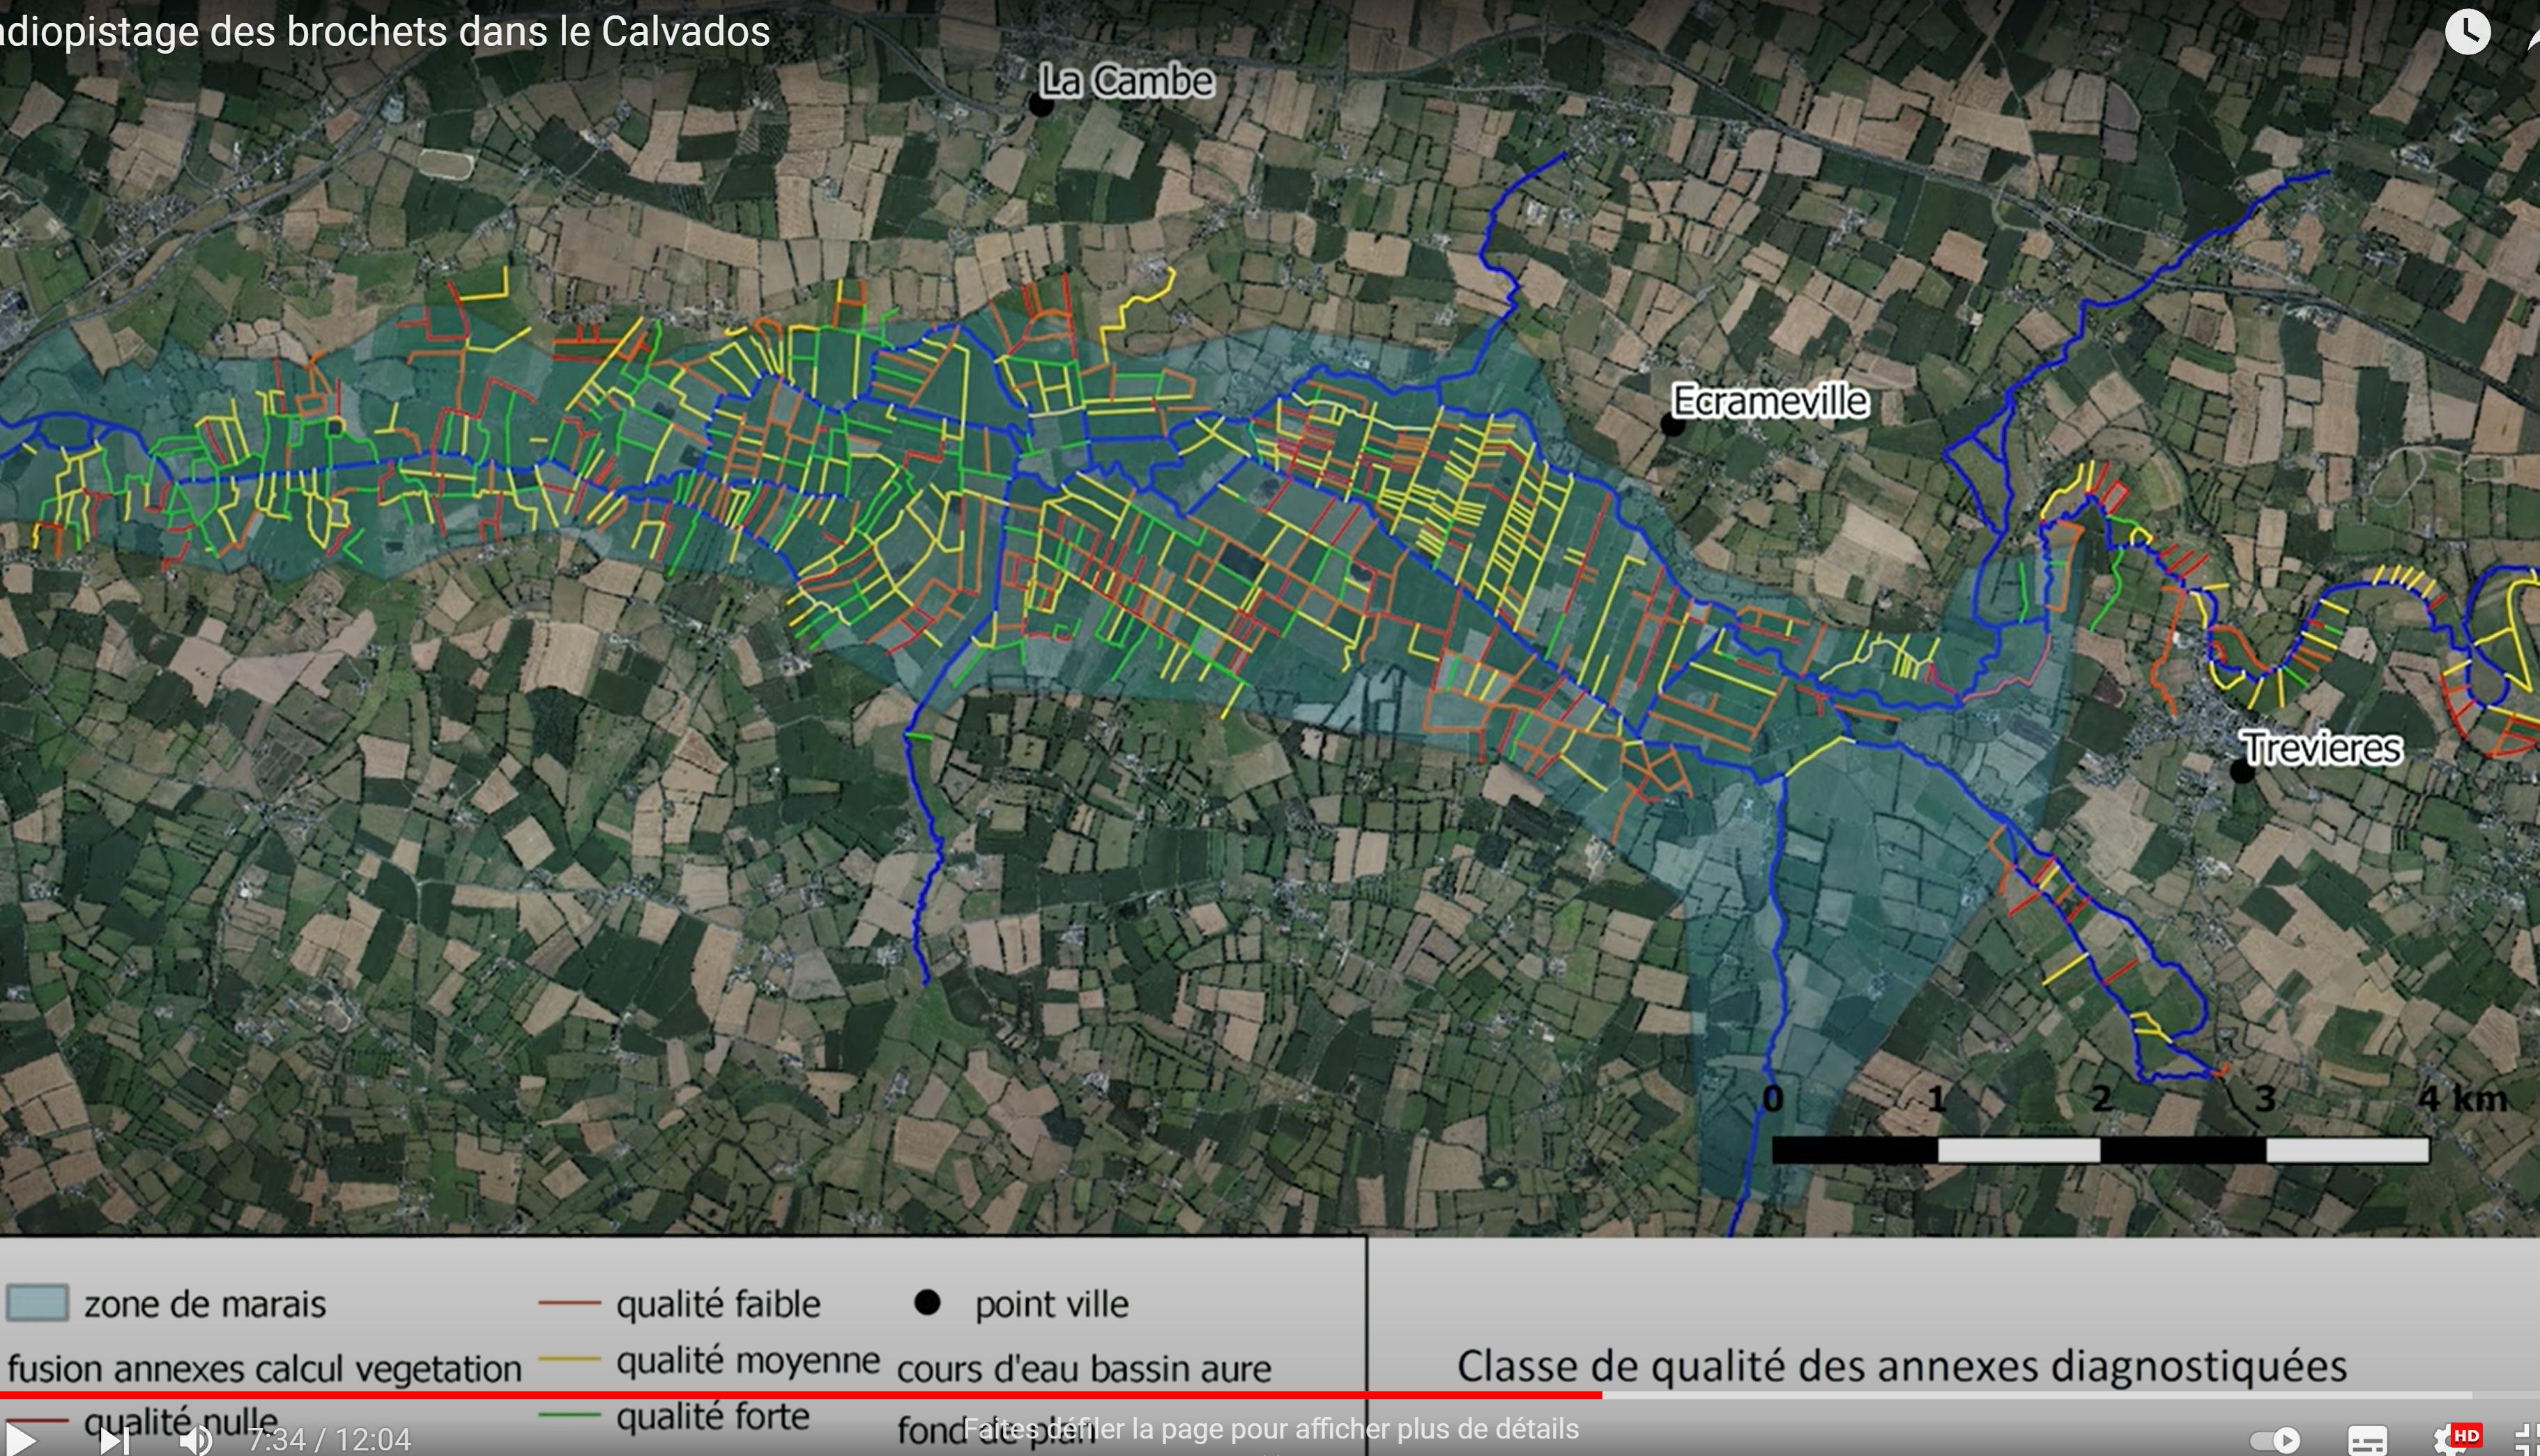 Radiopistage des brochets dans le Calvados © UFBSN